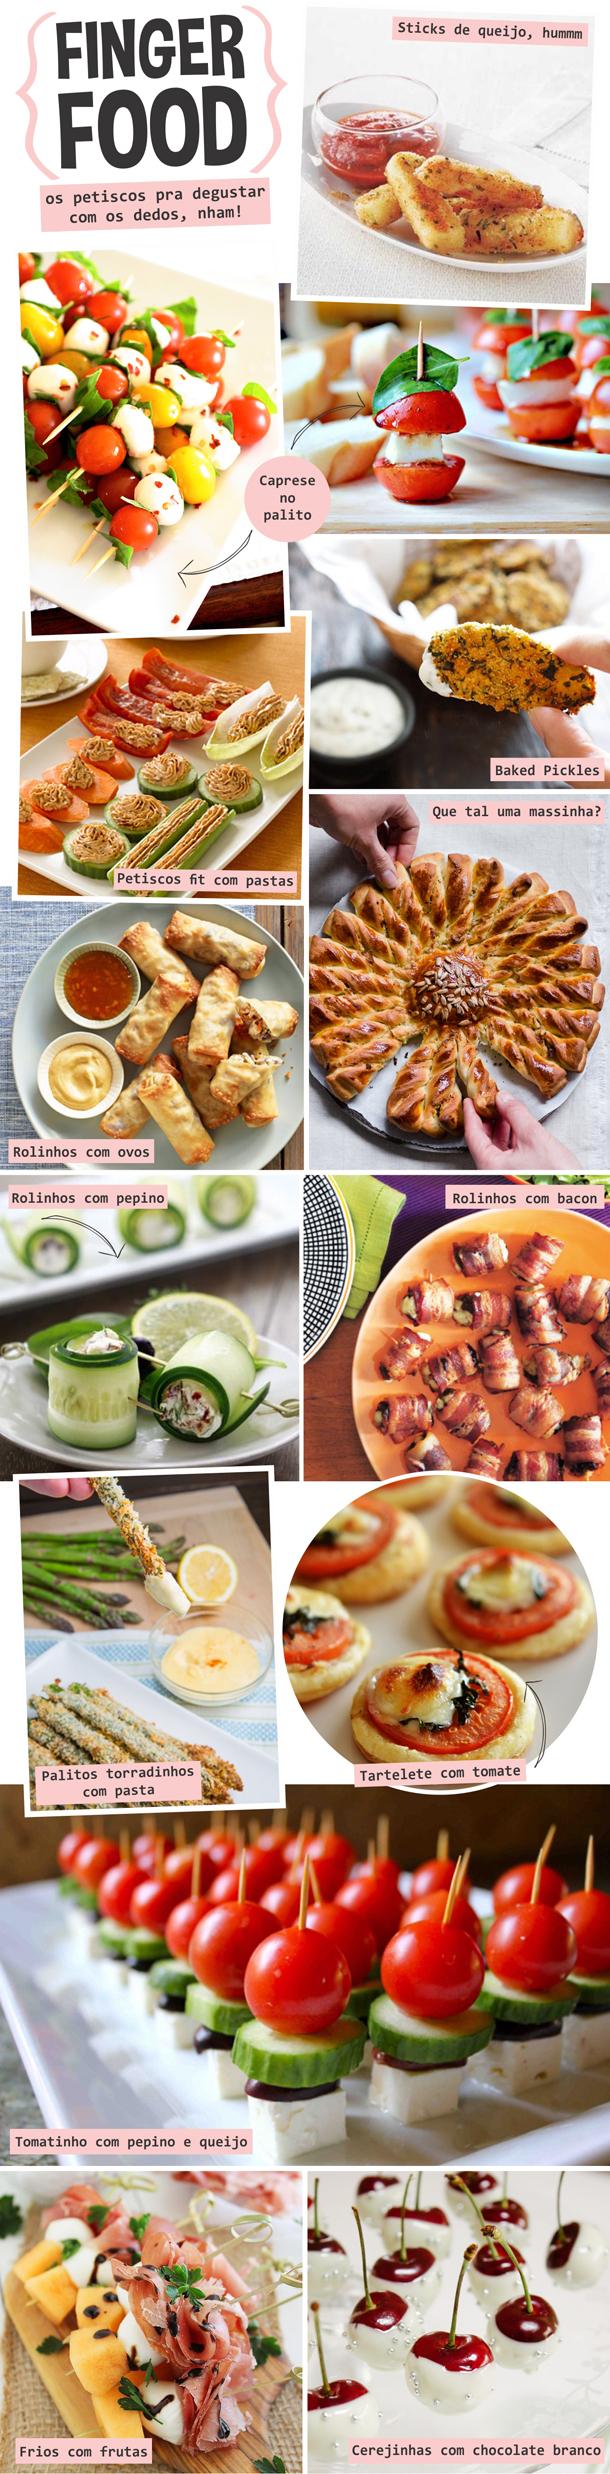 mundo-lolita-culinária-finger-food